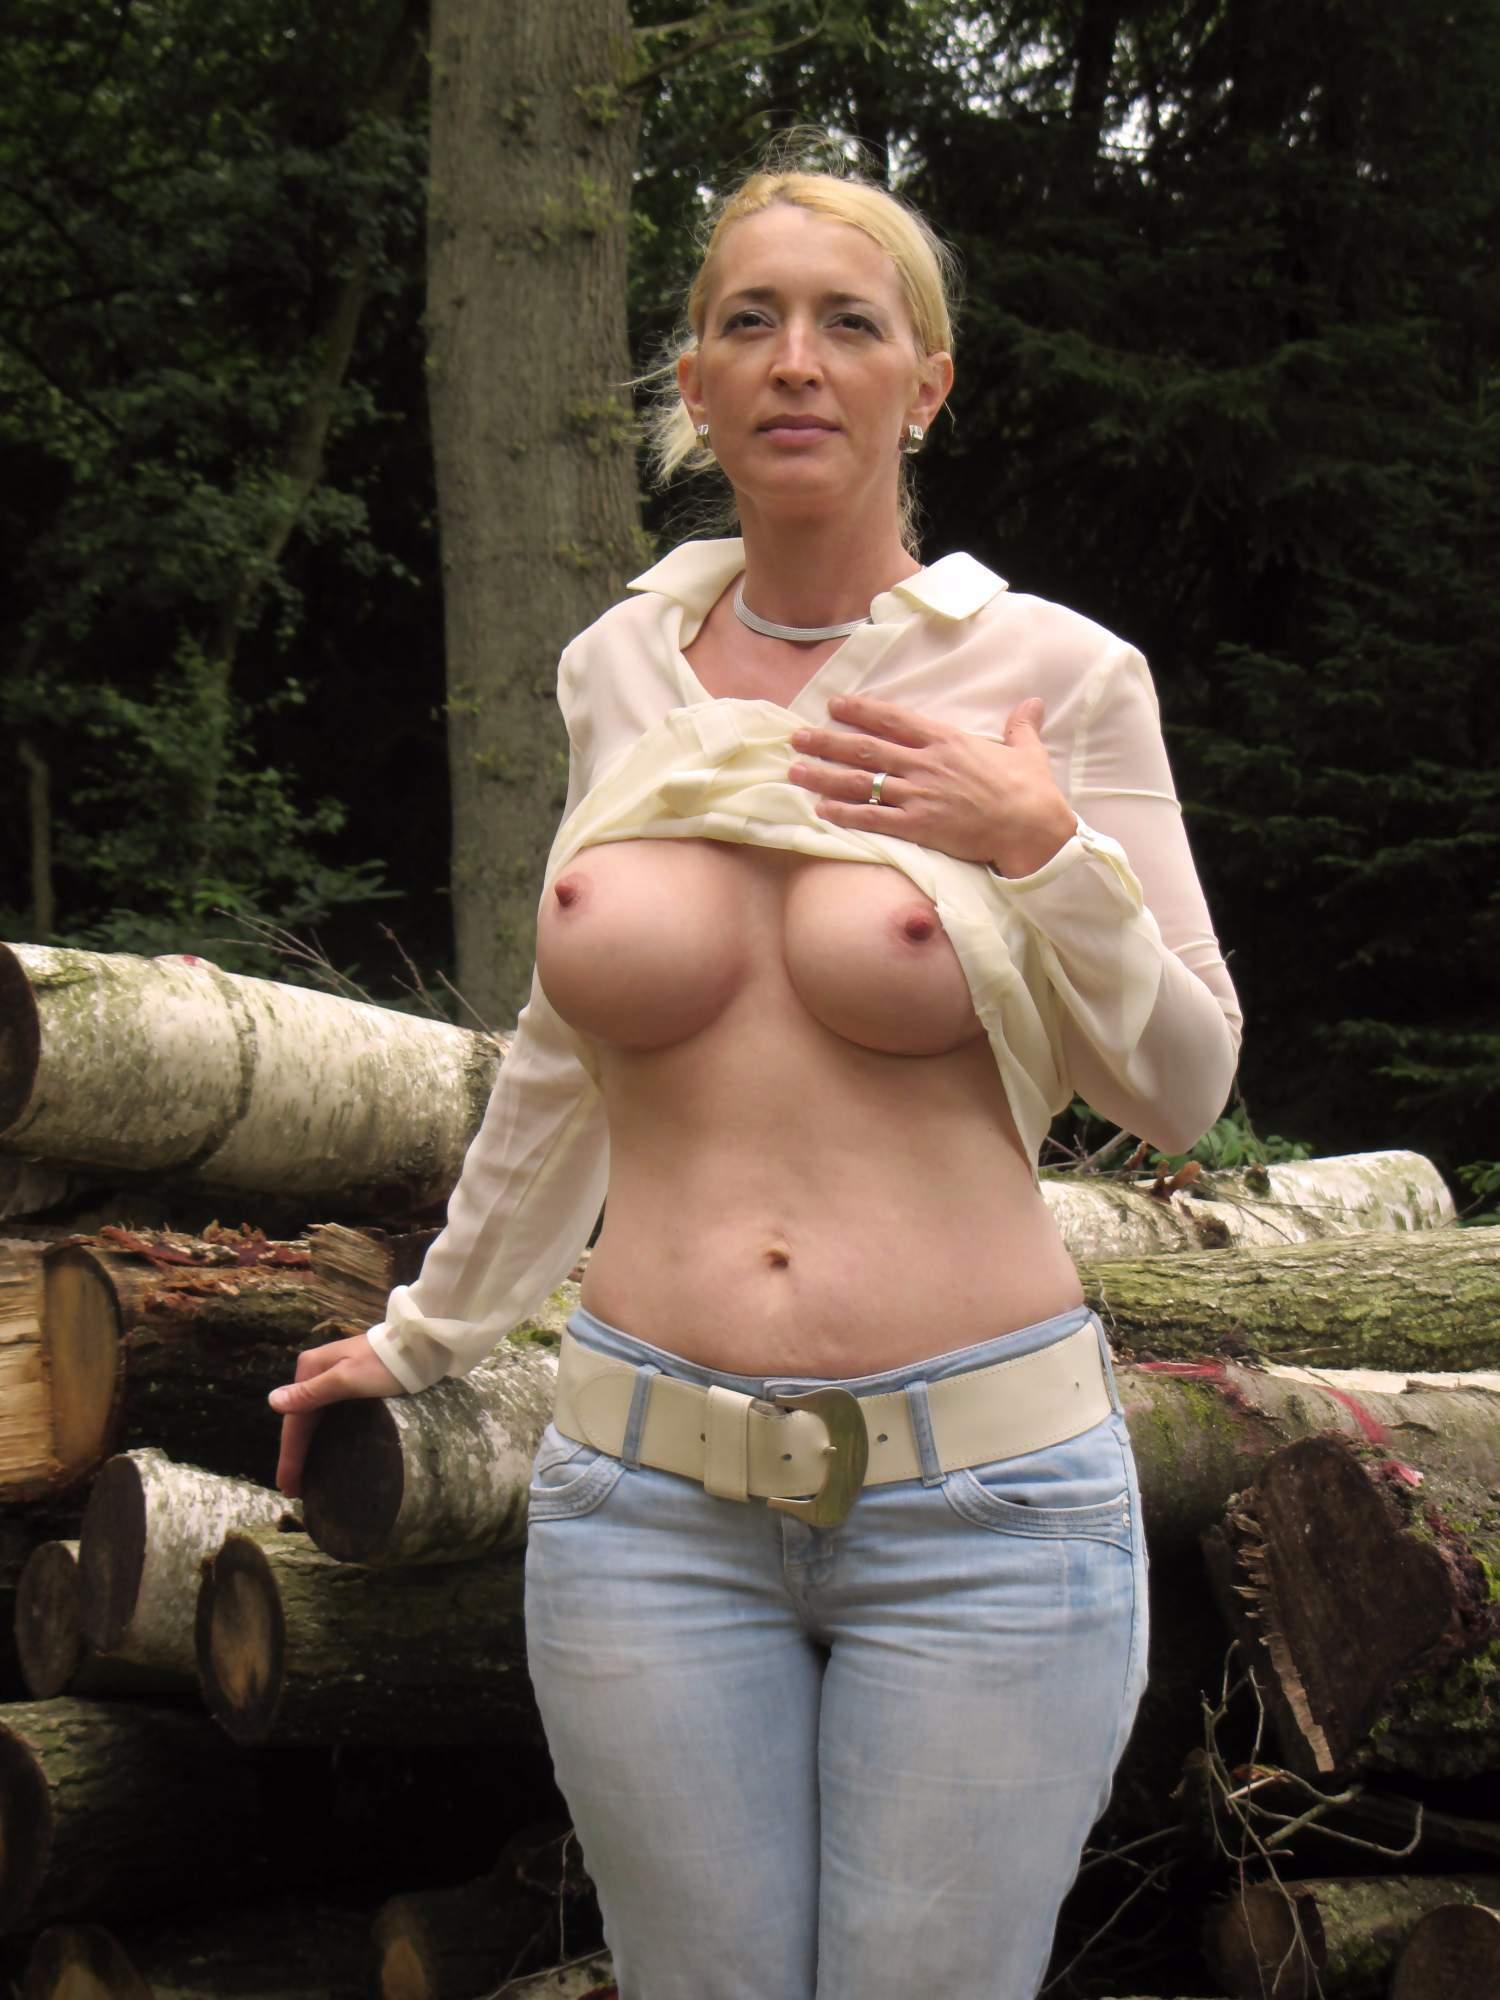 http://img24.rajce.idnes.cz/d2402/13/13133/13133717_9c6391c5702f90347cd7f2ea12218ba5/images/123.jpg